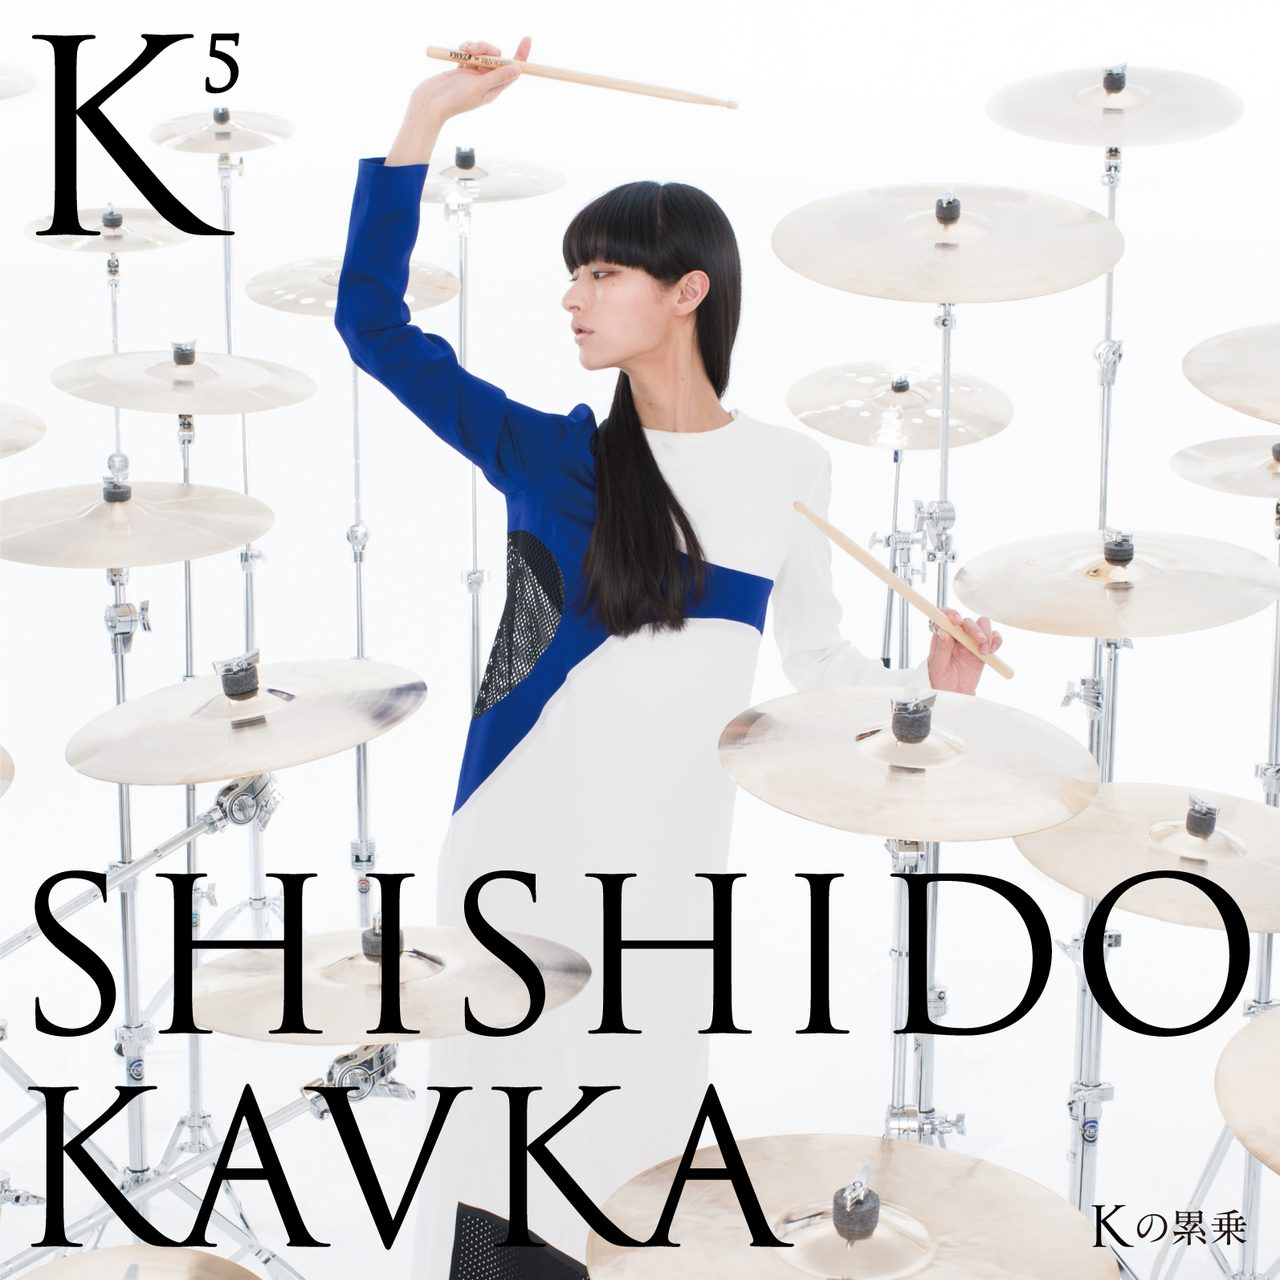 画像: 「K5(Kの累乗)」シシド・カフカ